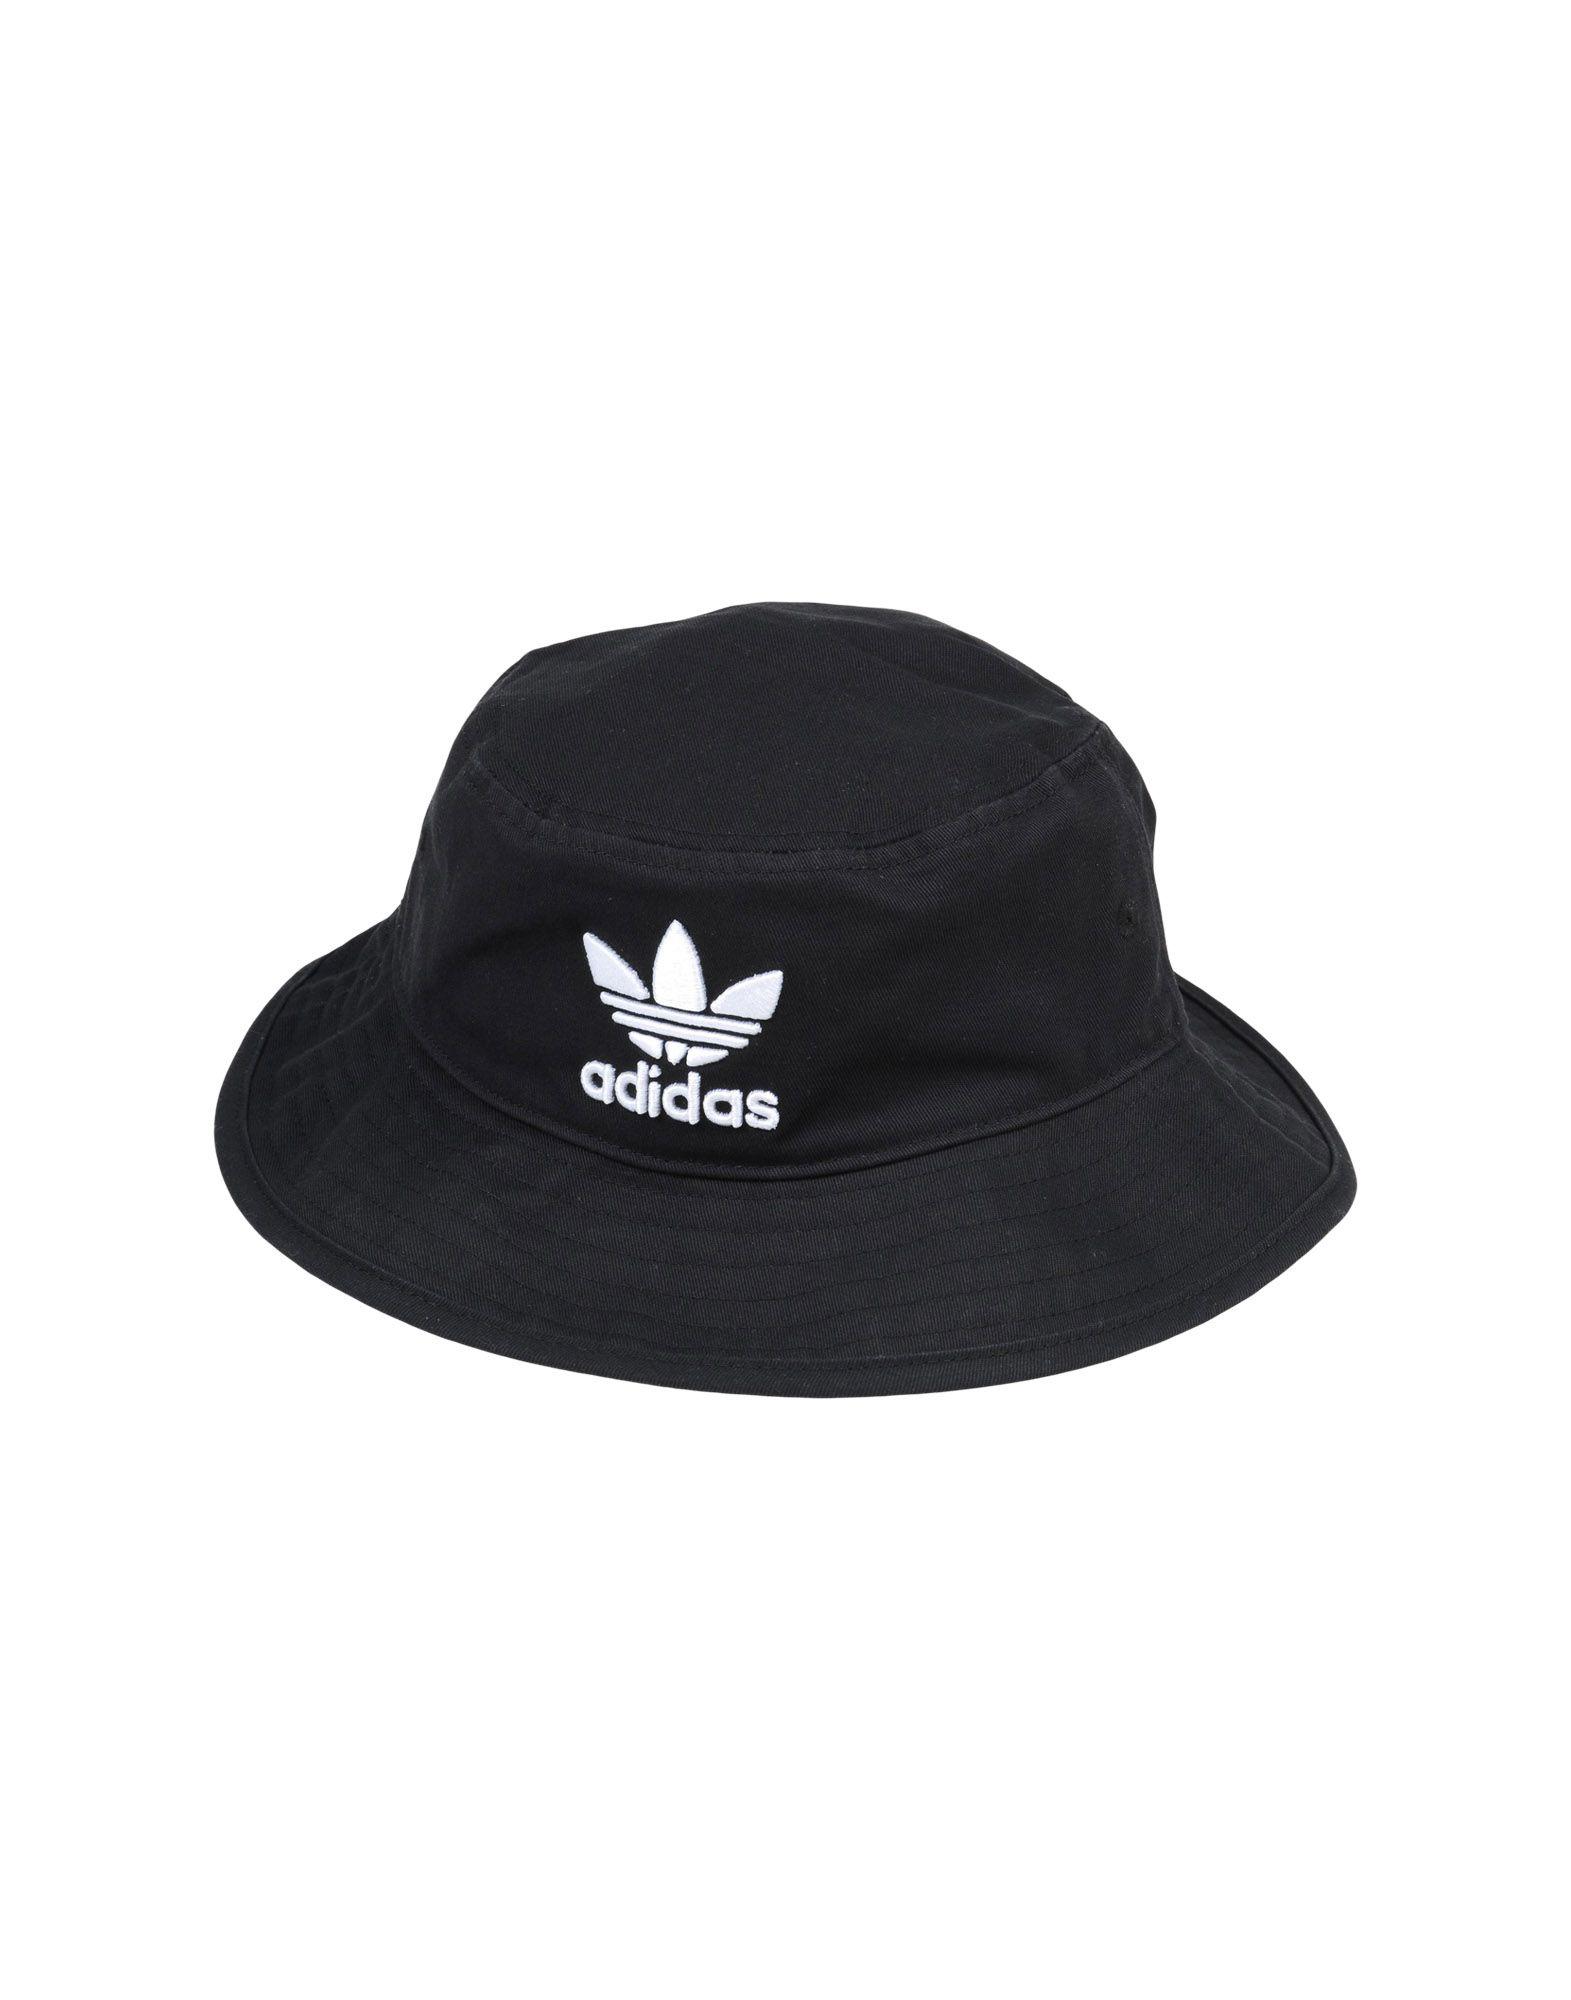 Adidas Originals Hats Hat